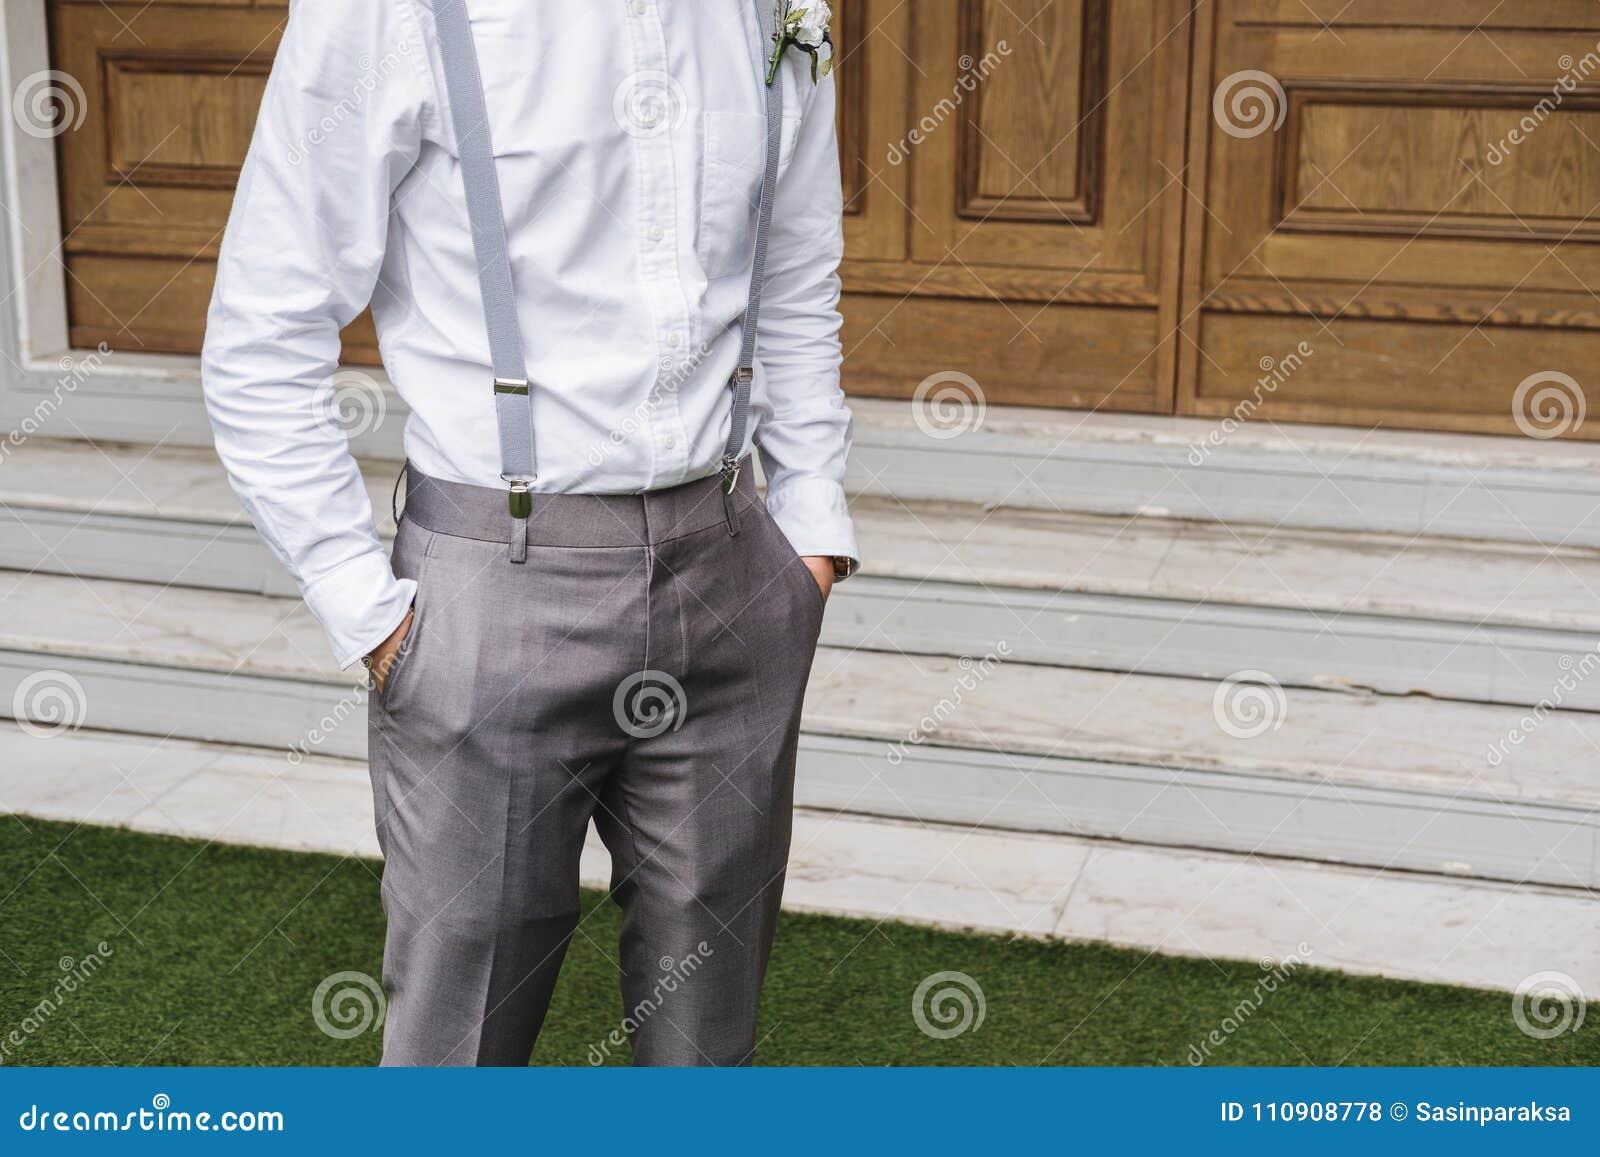 Le Jeune Dans Homme Et Gris Plan Gros Pantalon Chemise En Blanche La zw1xOzZ